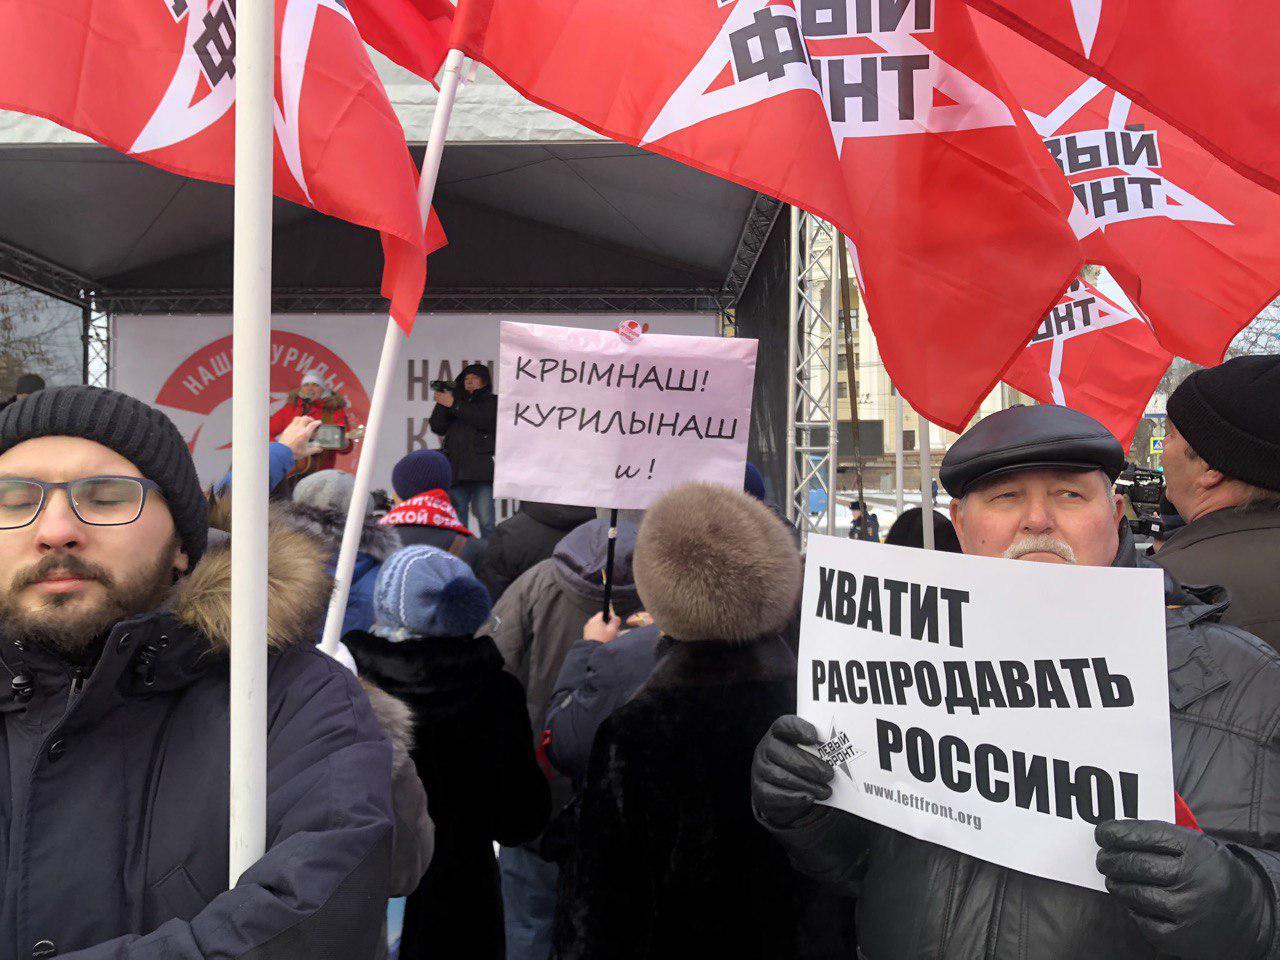 Хватит распродавать Россию: как прошел митинг против передачи Курил Японии